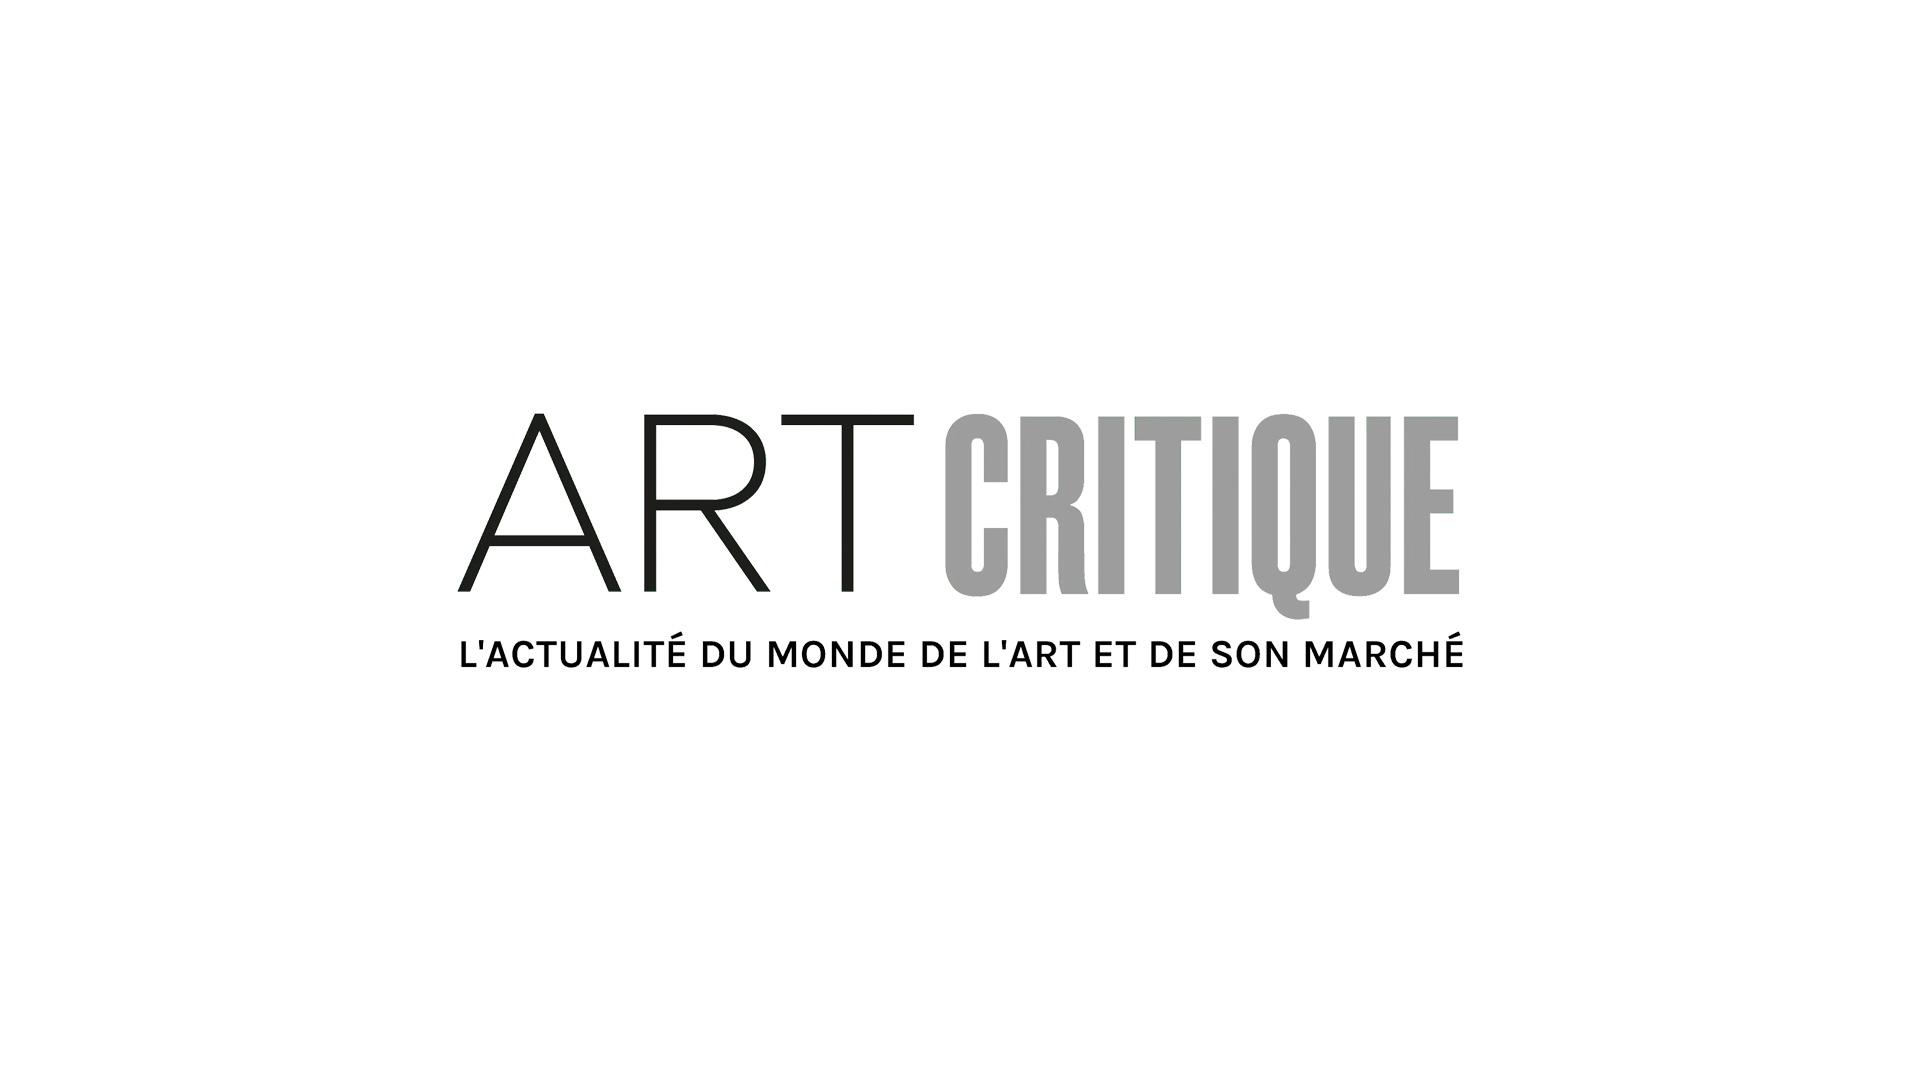 Le Musée Art ludique déménage en 2021